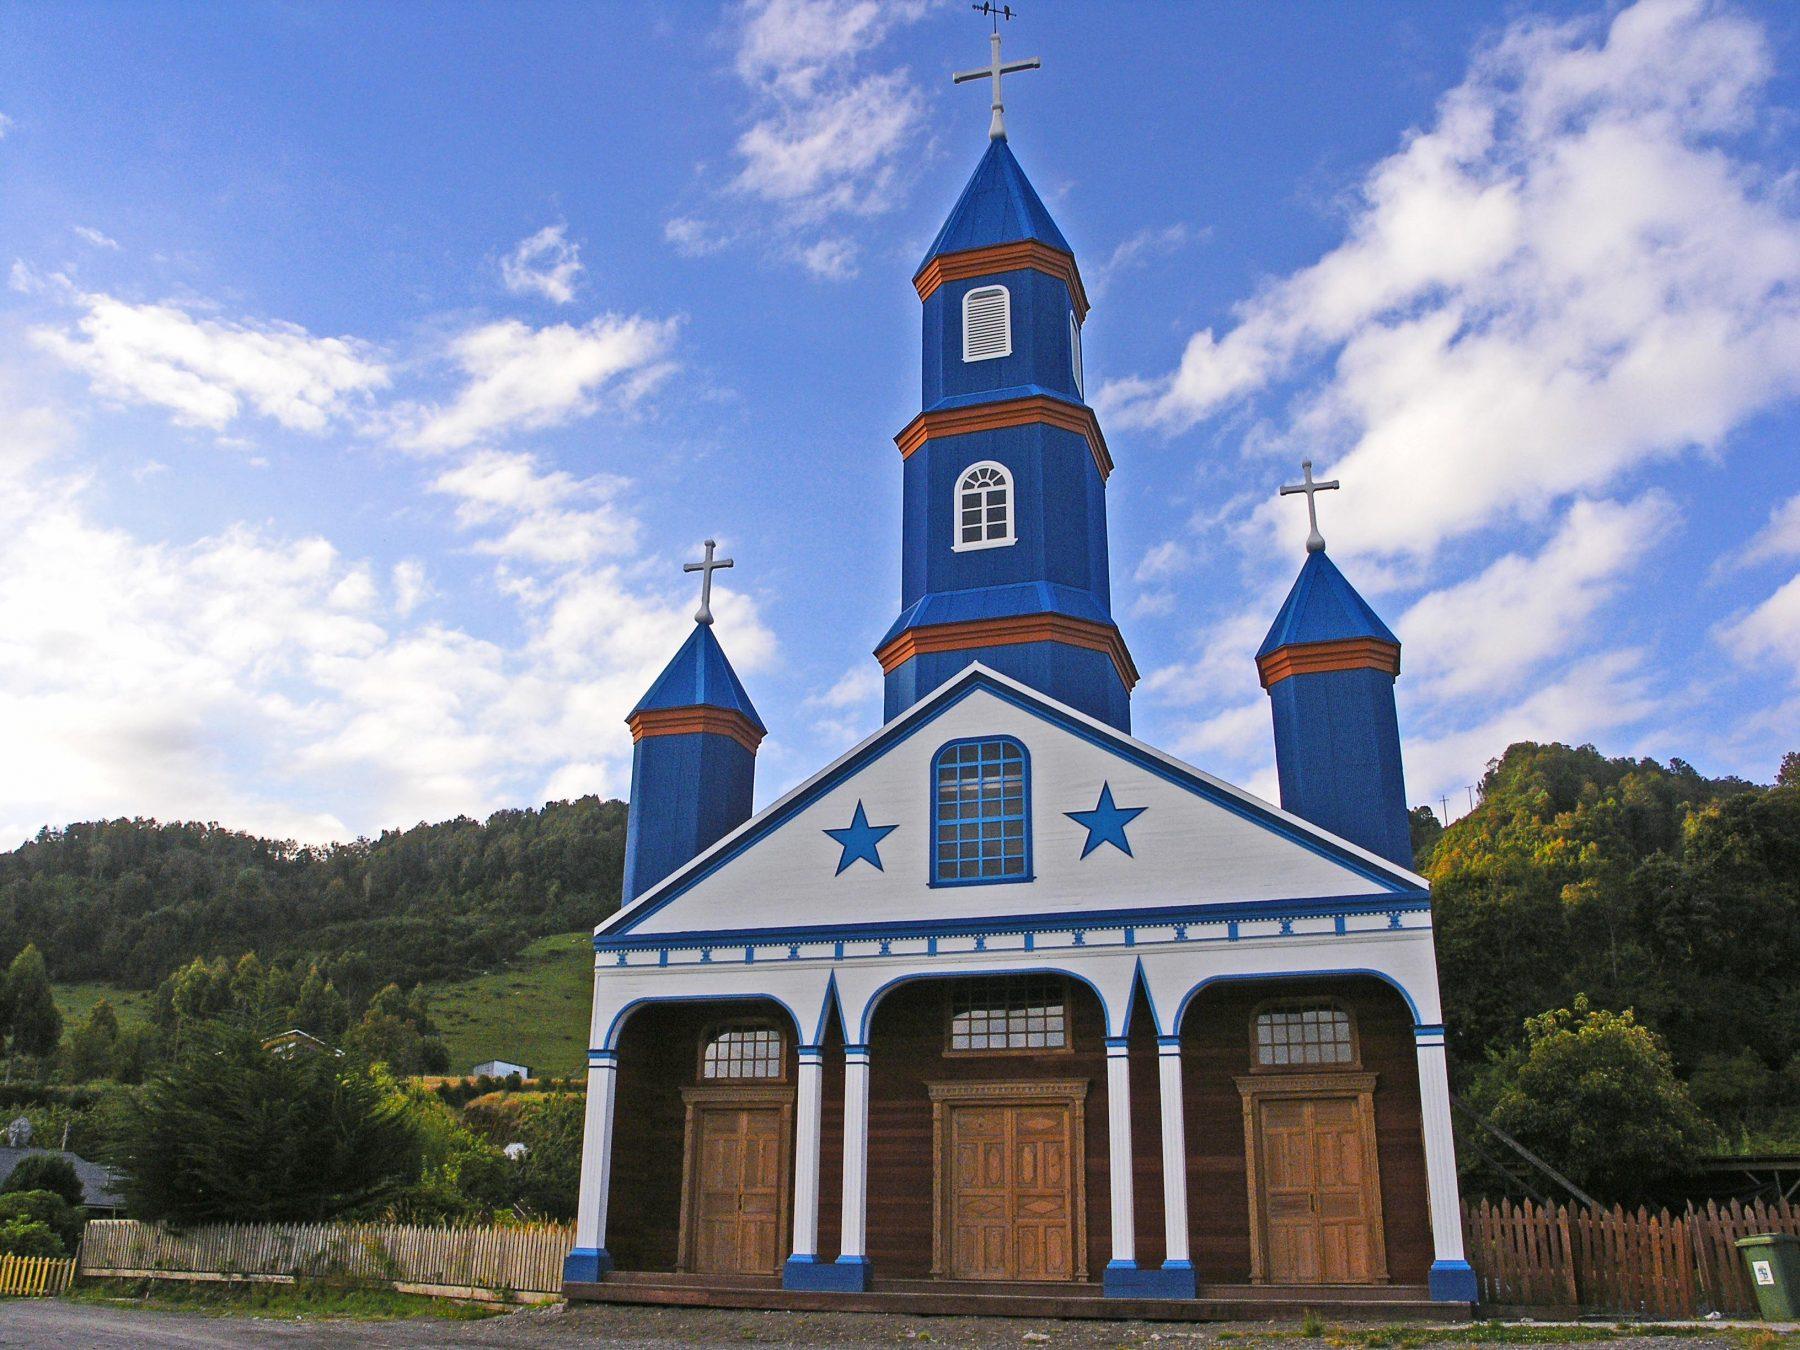 Viaggio in Cile 10 Cose da vedere Isola di Chiloé